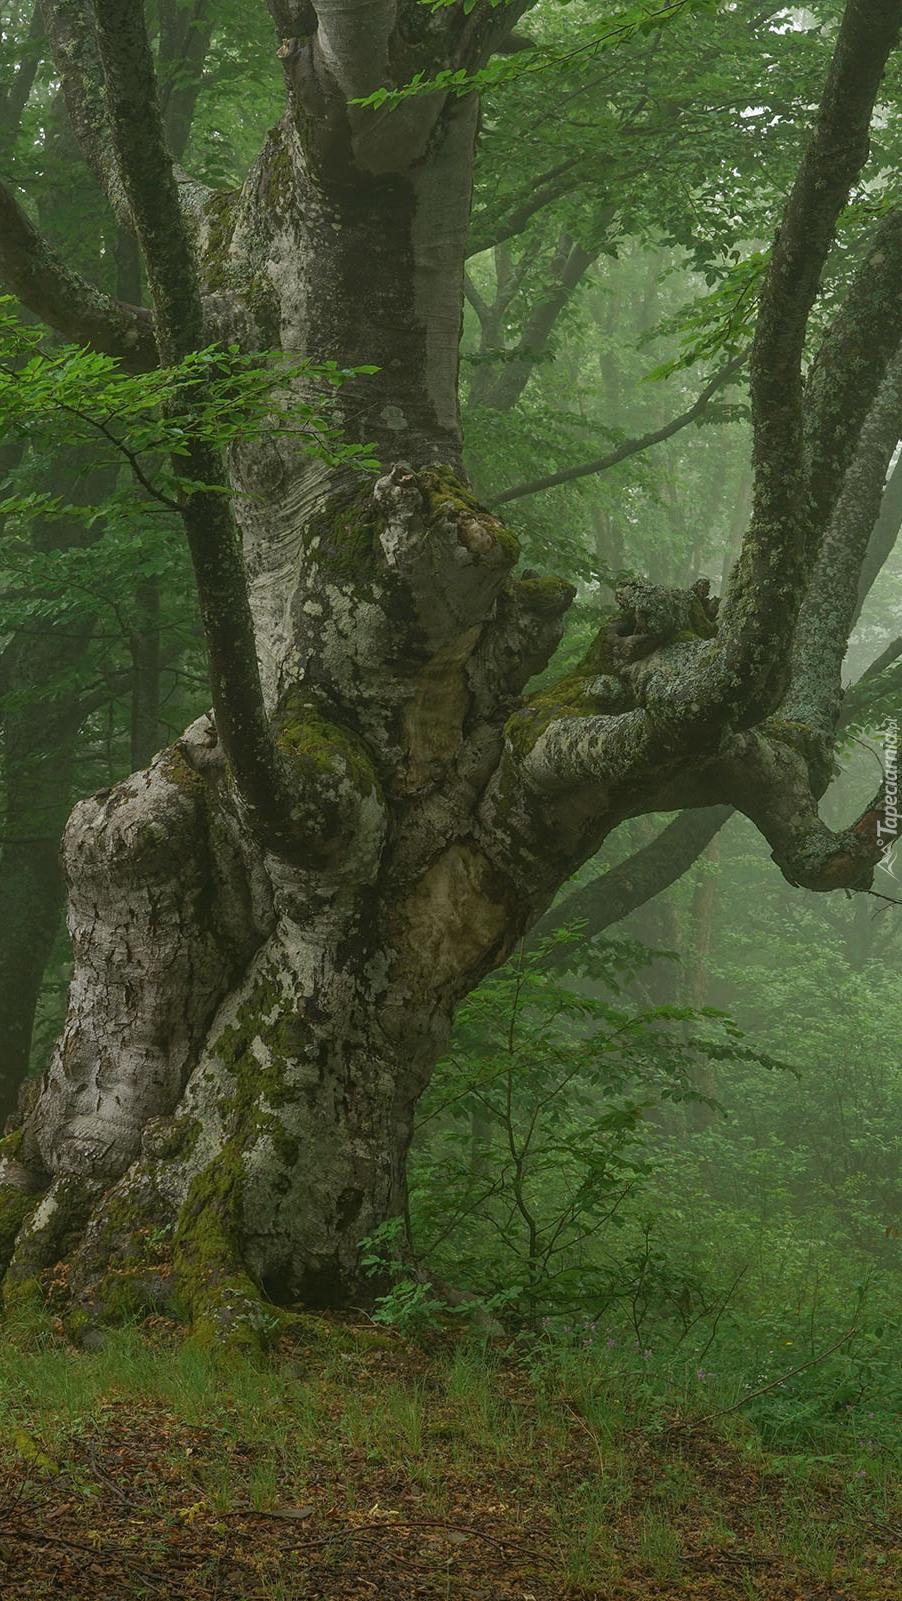 Stare drzewo w mglistym lesie